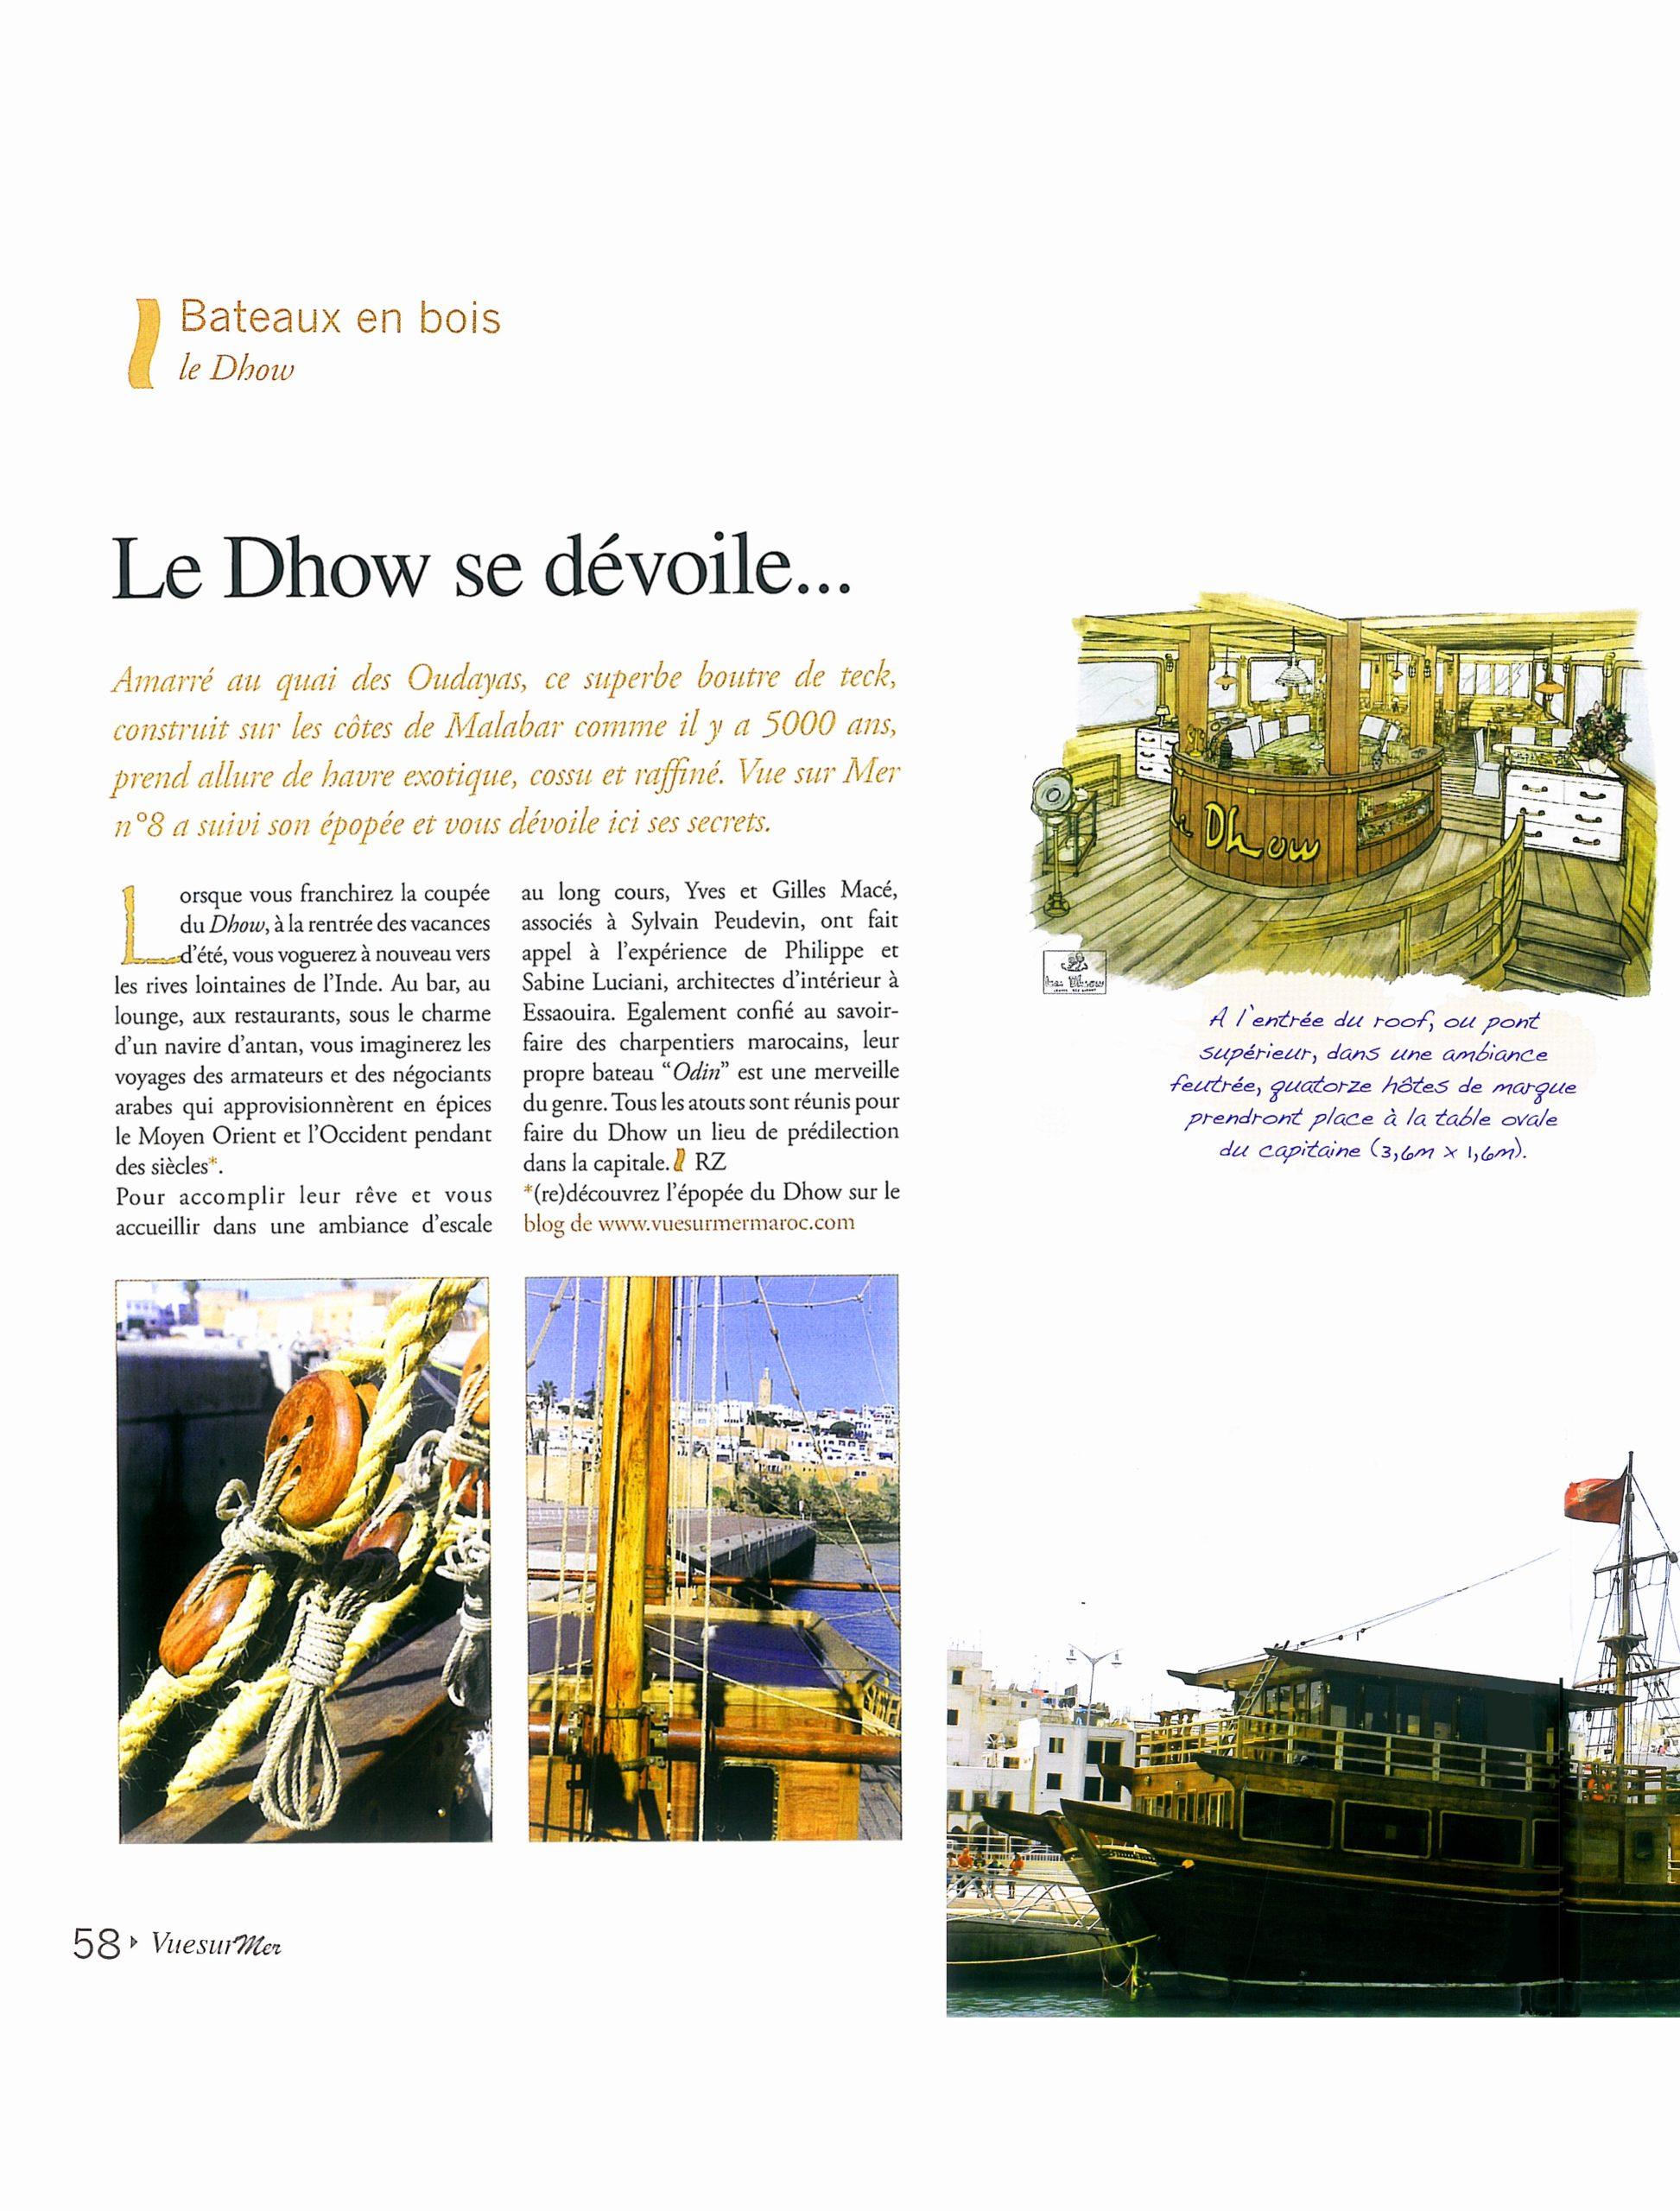 Article vue sur mer le dhow - P1